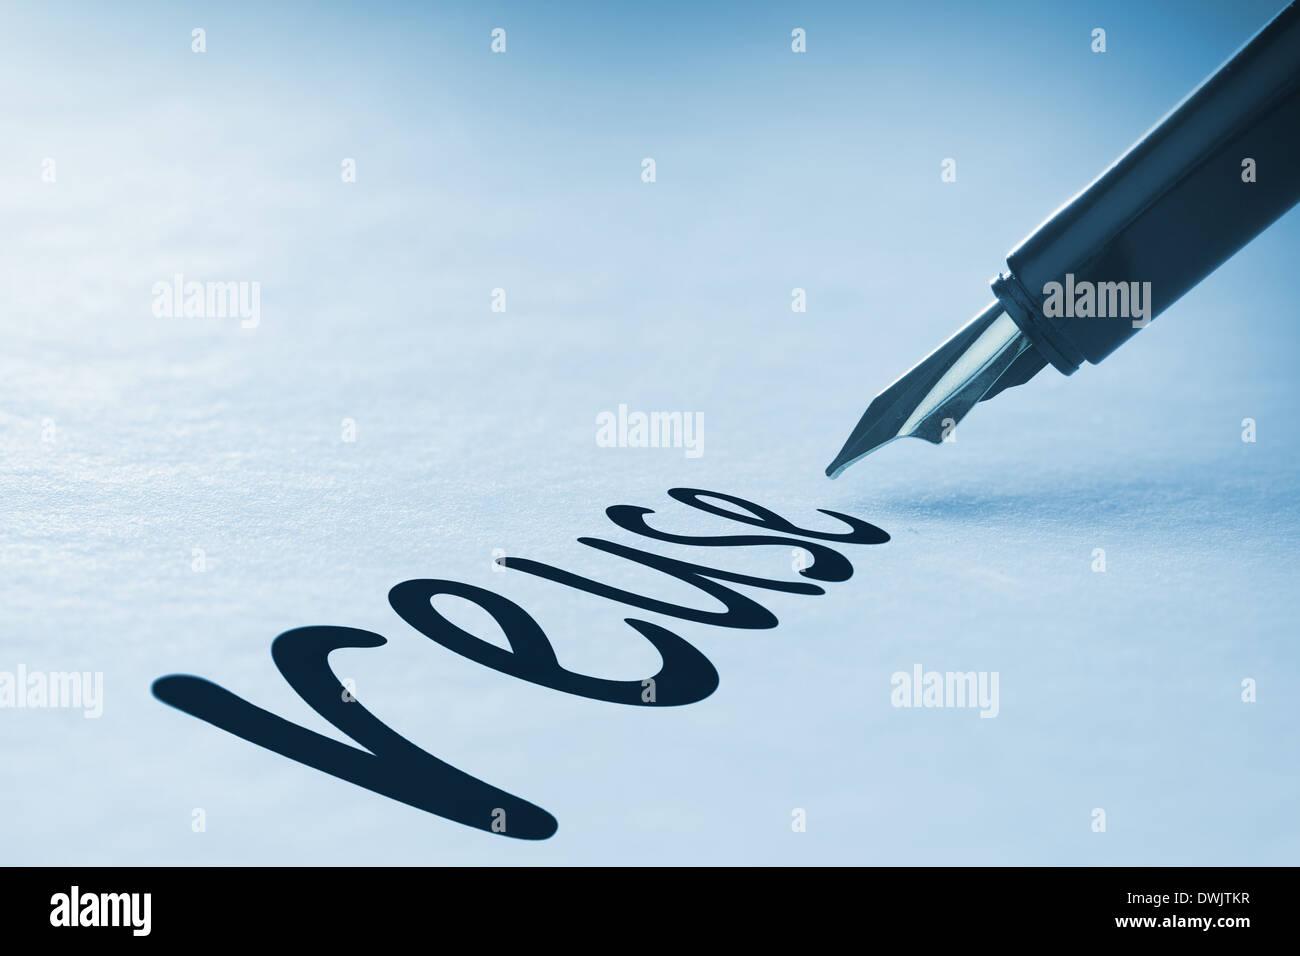 Penna stilografica iscritto il riutilizzo Immagini Stock